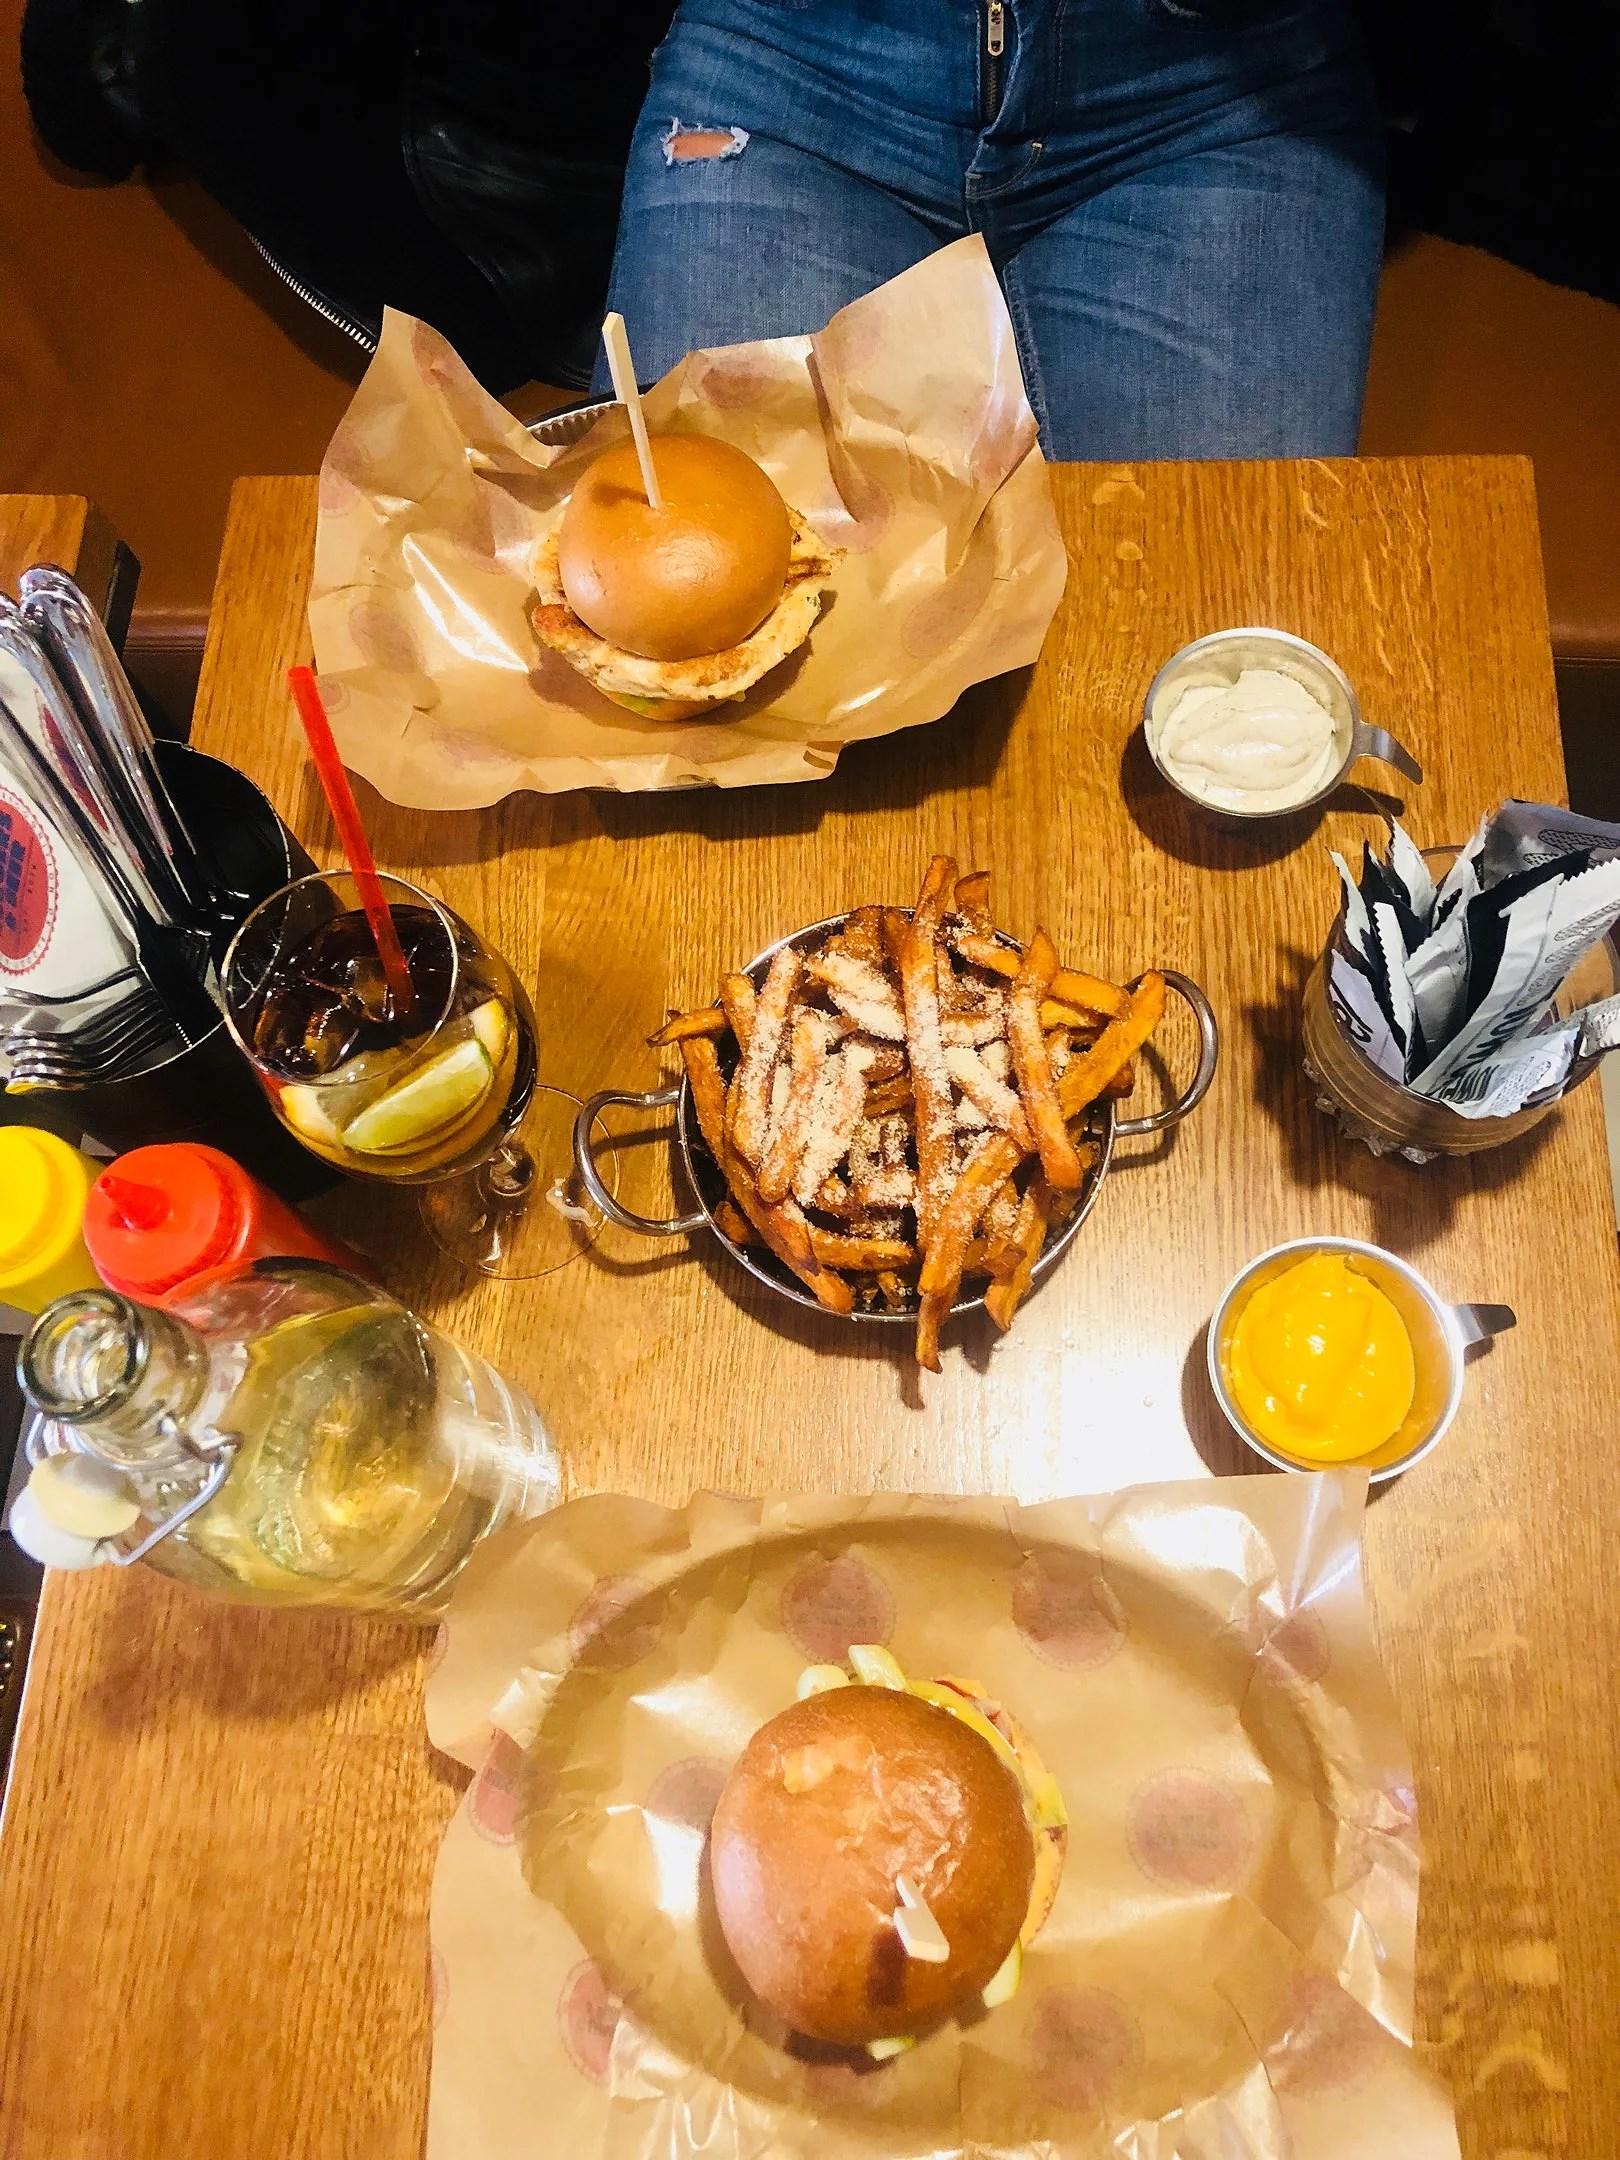 Burgers'n bears